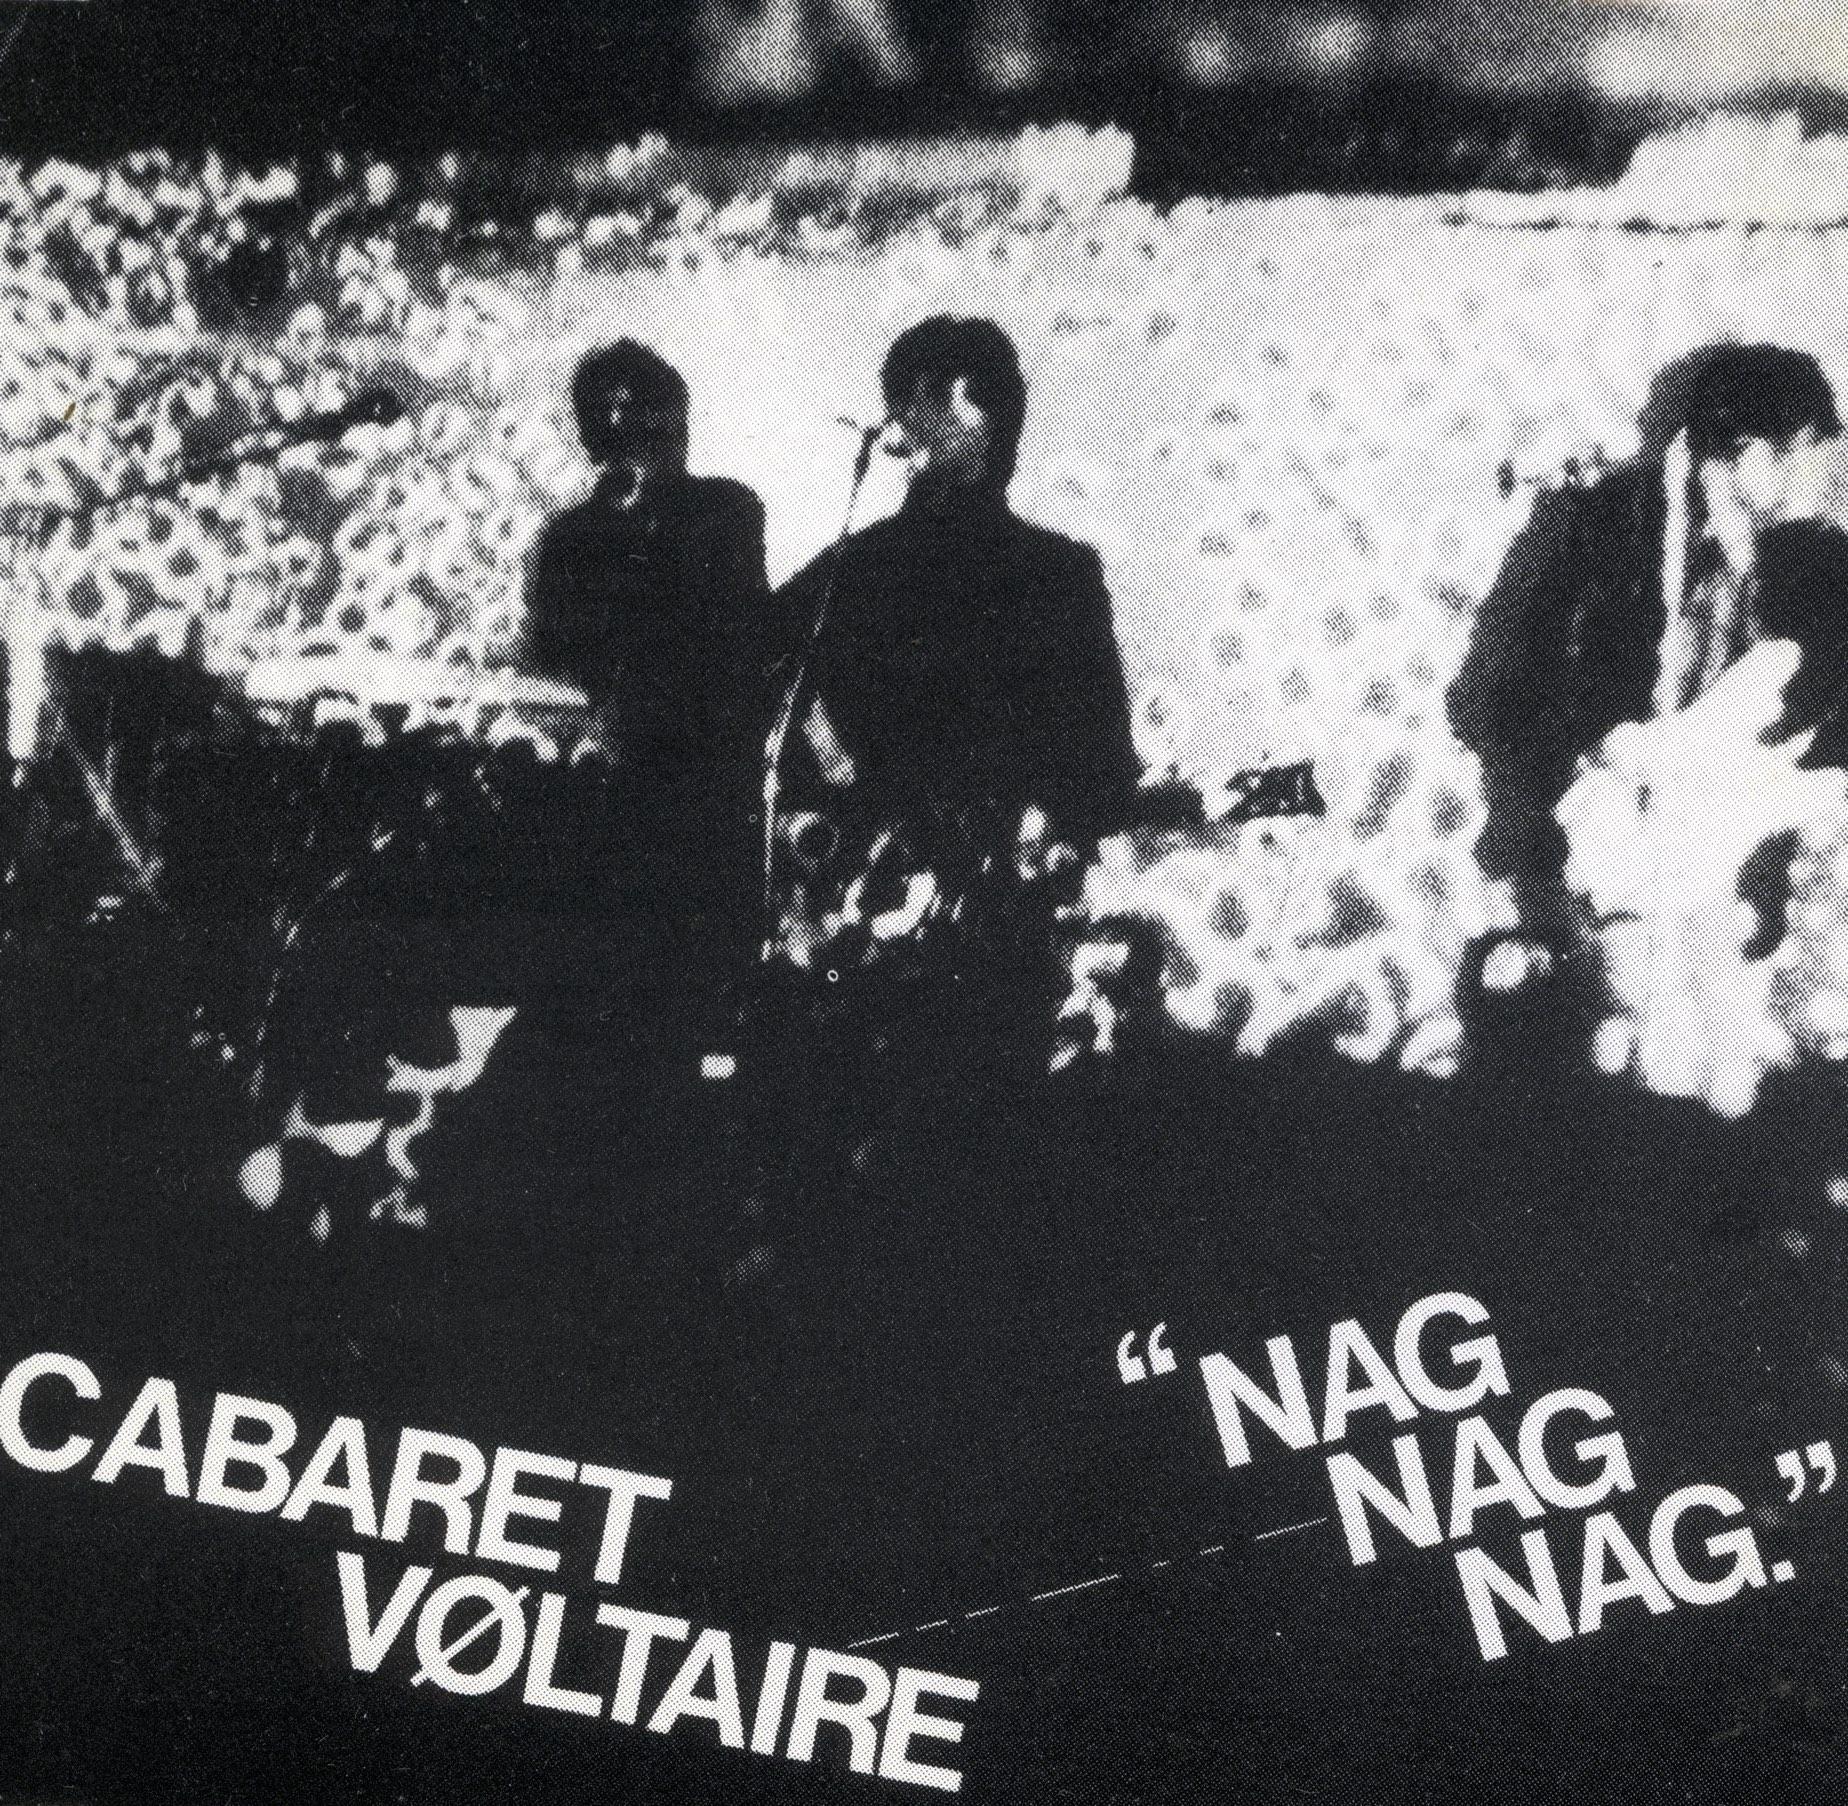 1983_Cabaret_Voltaire